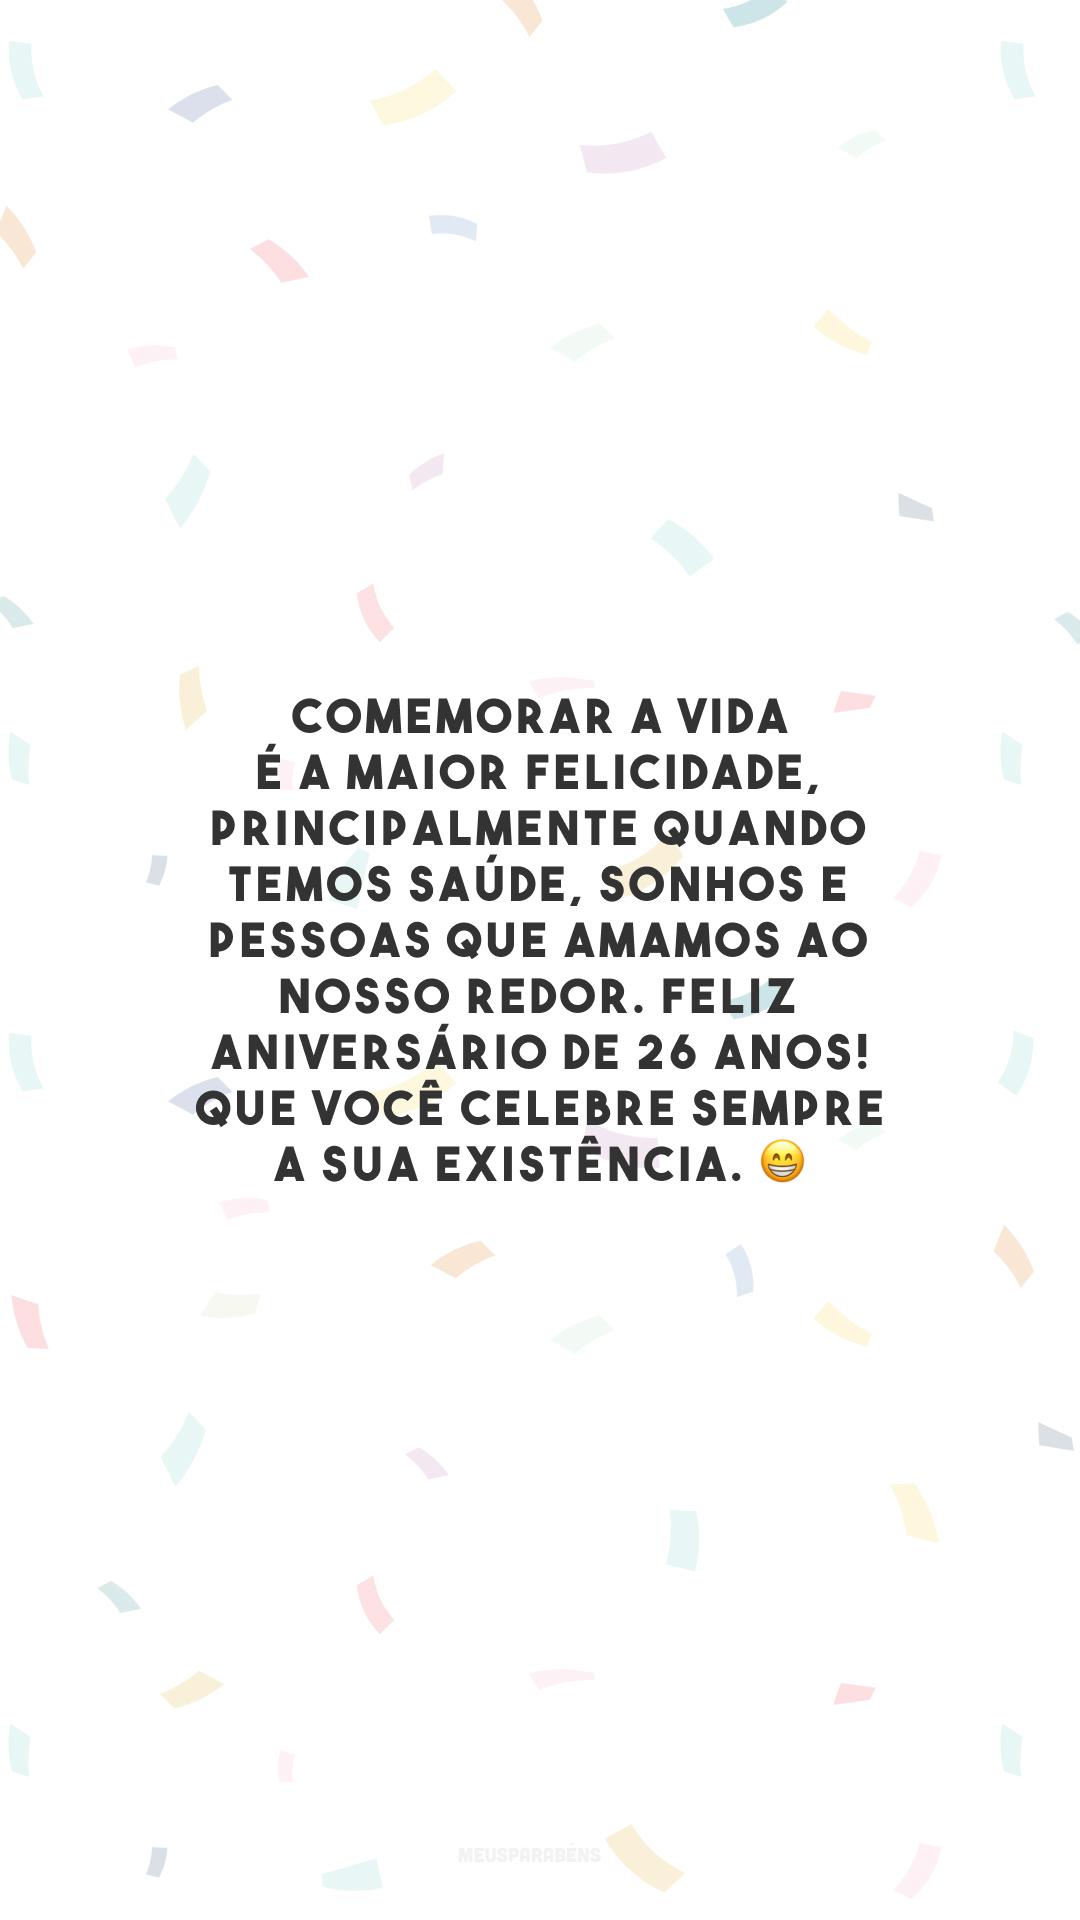 Comemorar a vida é a maior felicidade, principalmente quando temos saúde, sonhos e pessoas que amamos ao nosso redor. Feliz aniversário de 26 anos! Que você celebre sempre a sua existência. 😁